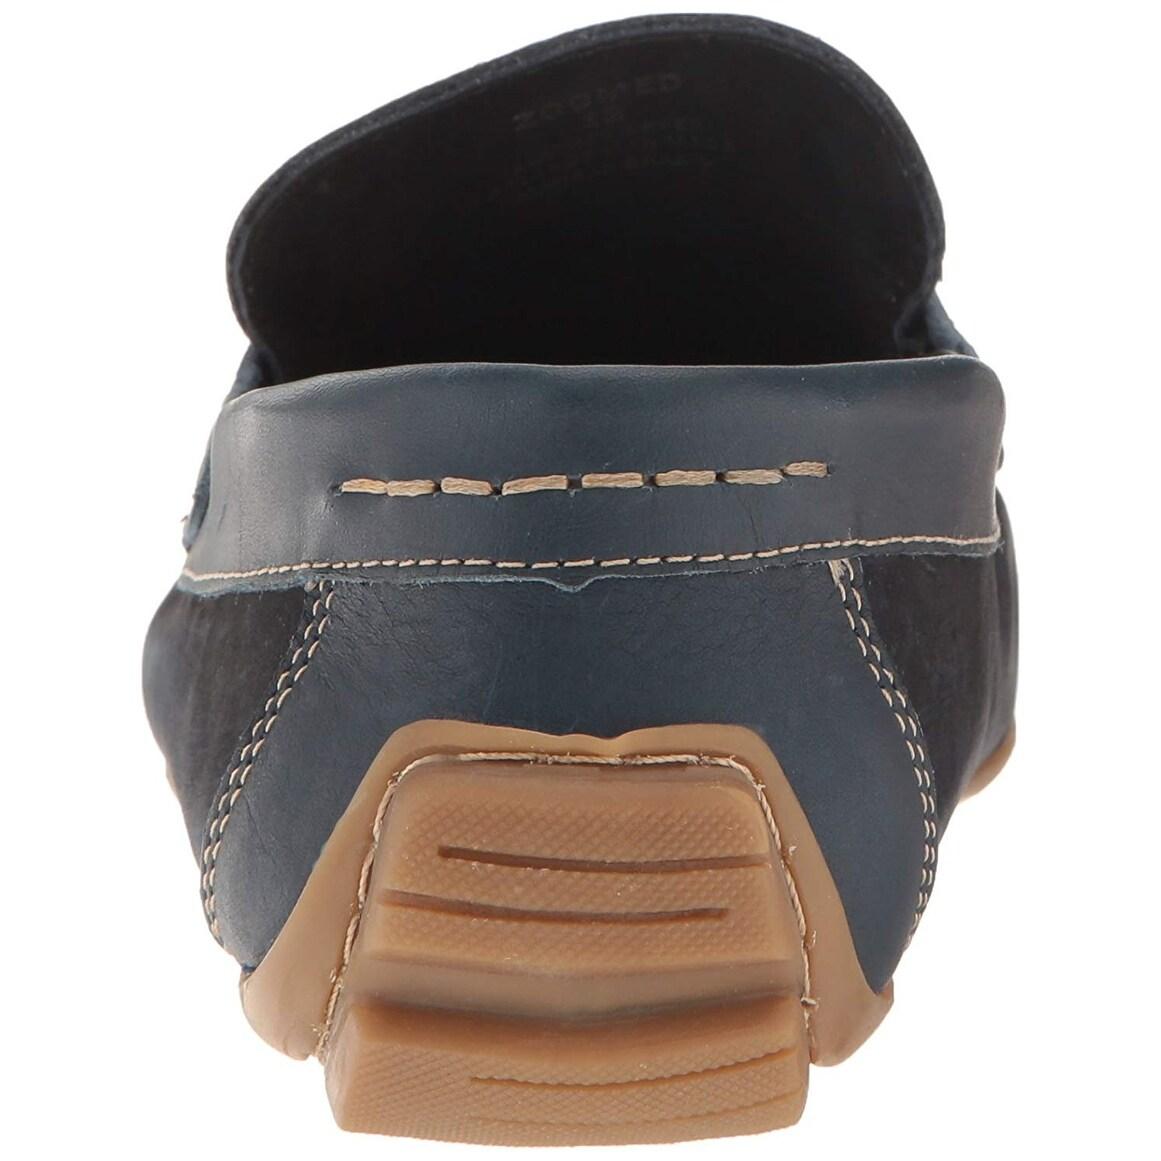 edbdaffe68d5 Shop Steve Madden Men s Zoomed Slip-on Loafer - 7.5 - Free Shipping On  Orders Over  45 - Overstock - 23448453